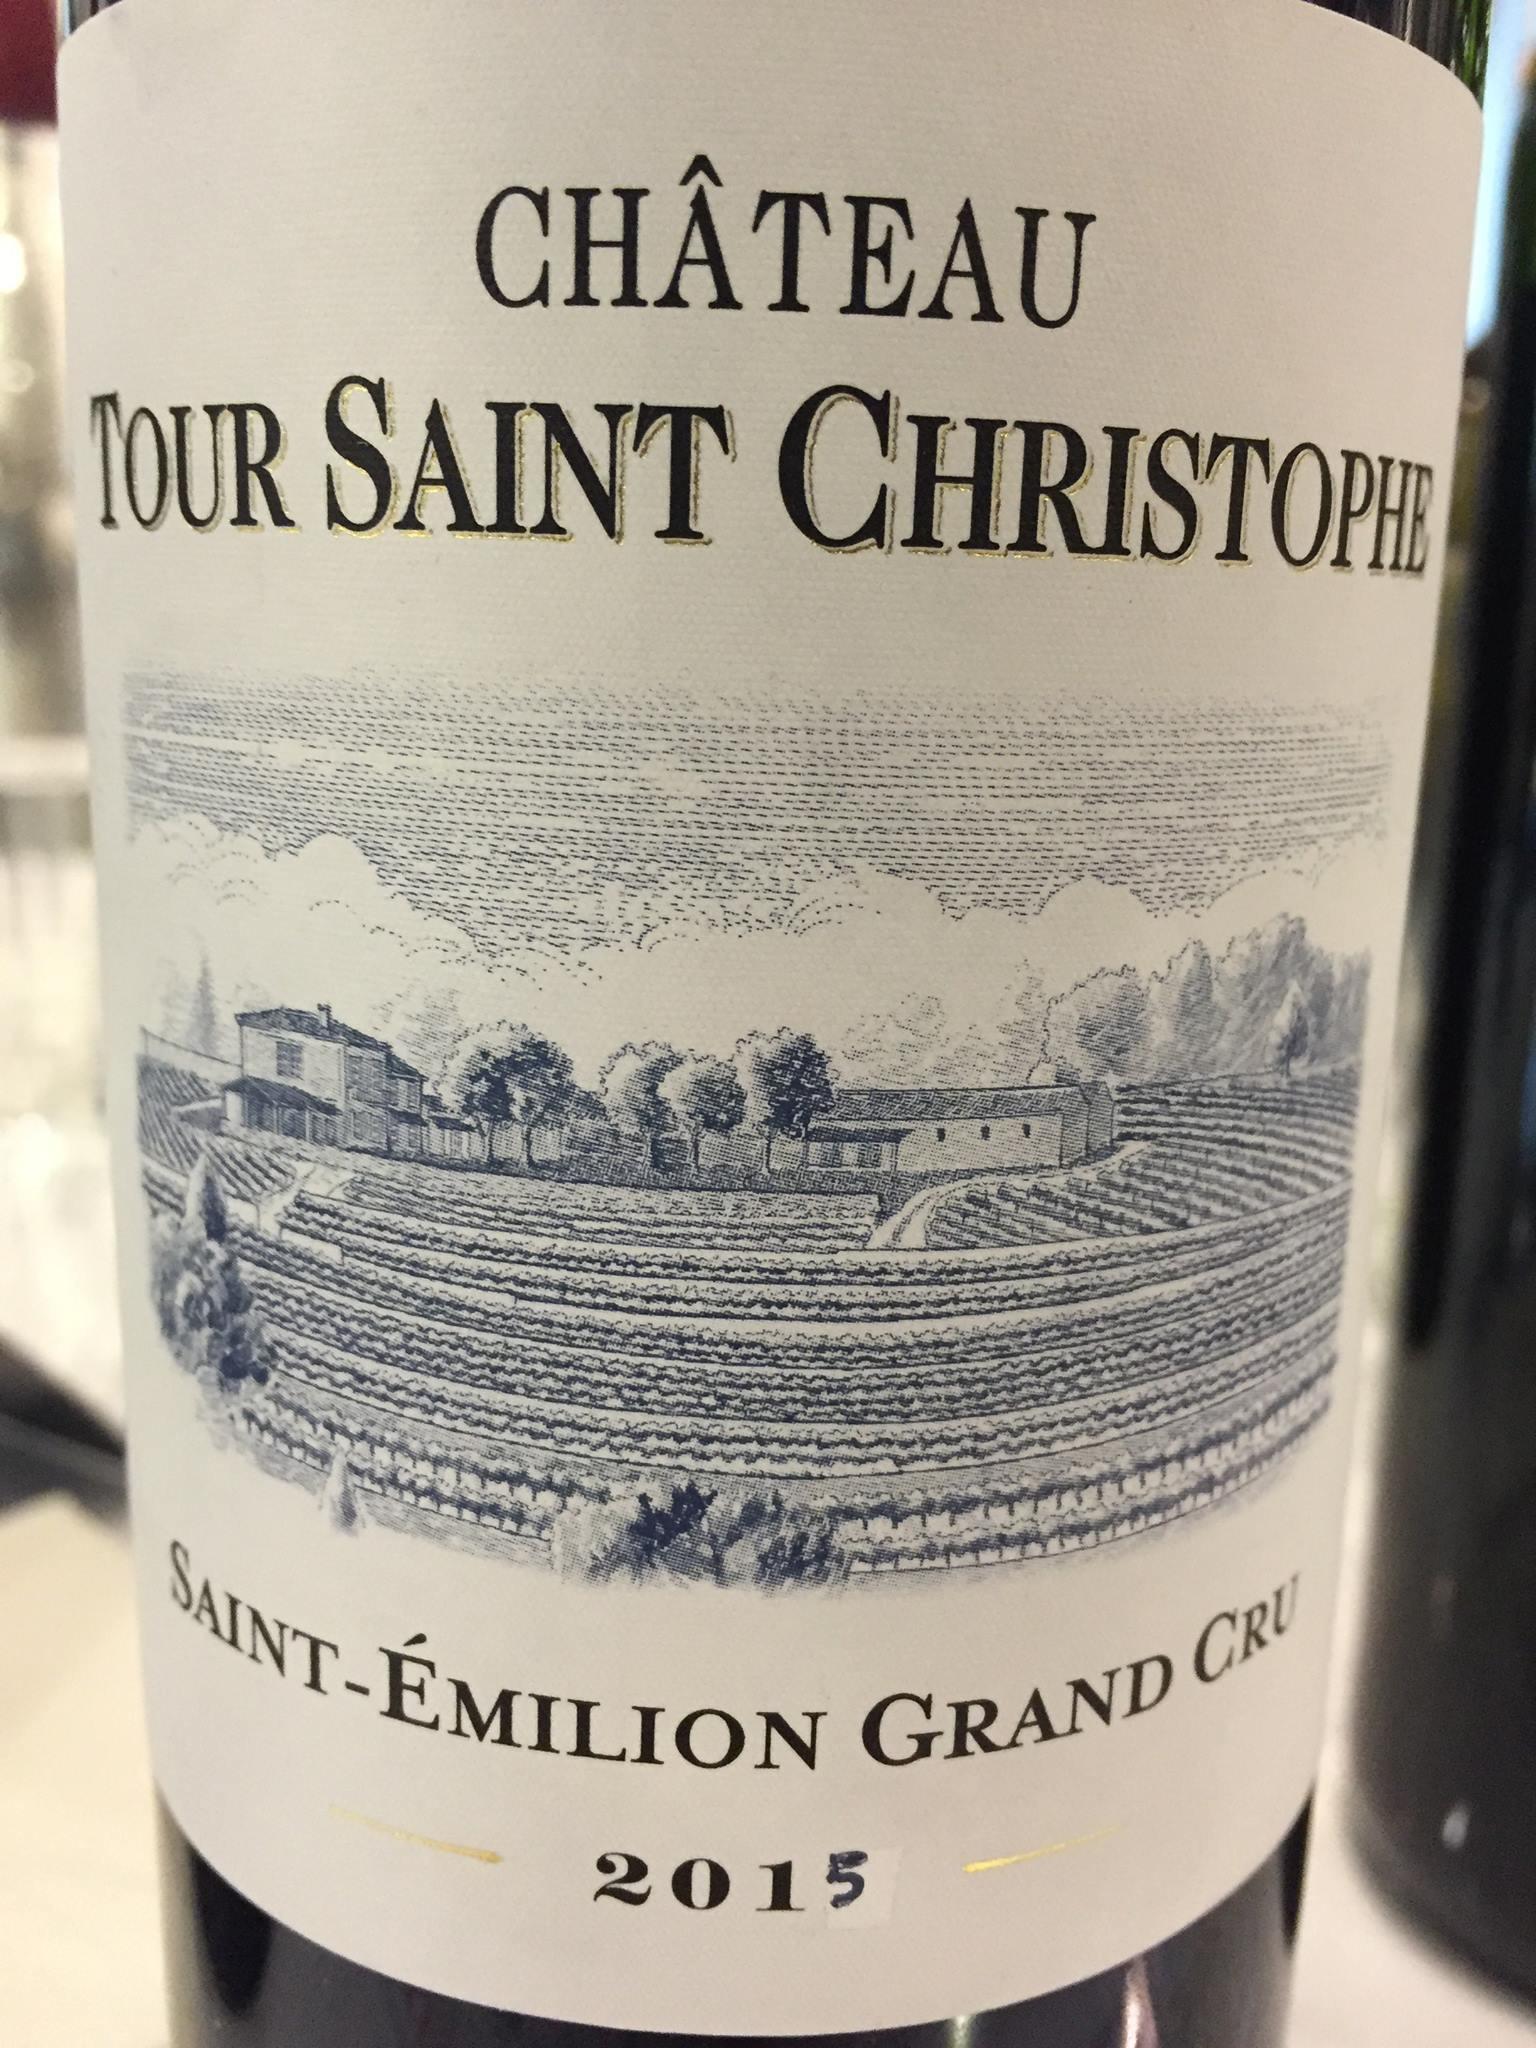 Château Tour Saint Christophe 2015 – Saint-Emilion Grand Cru